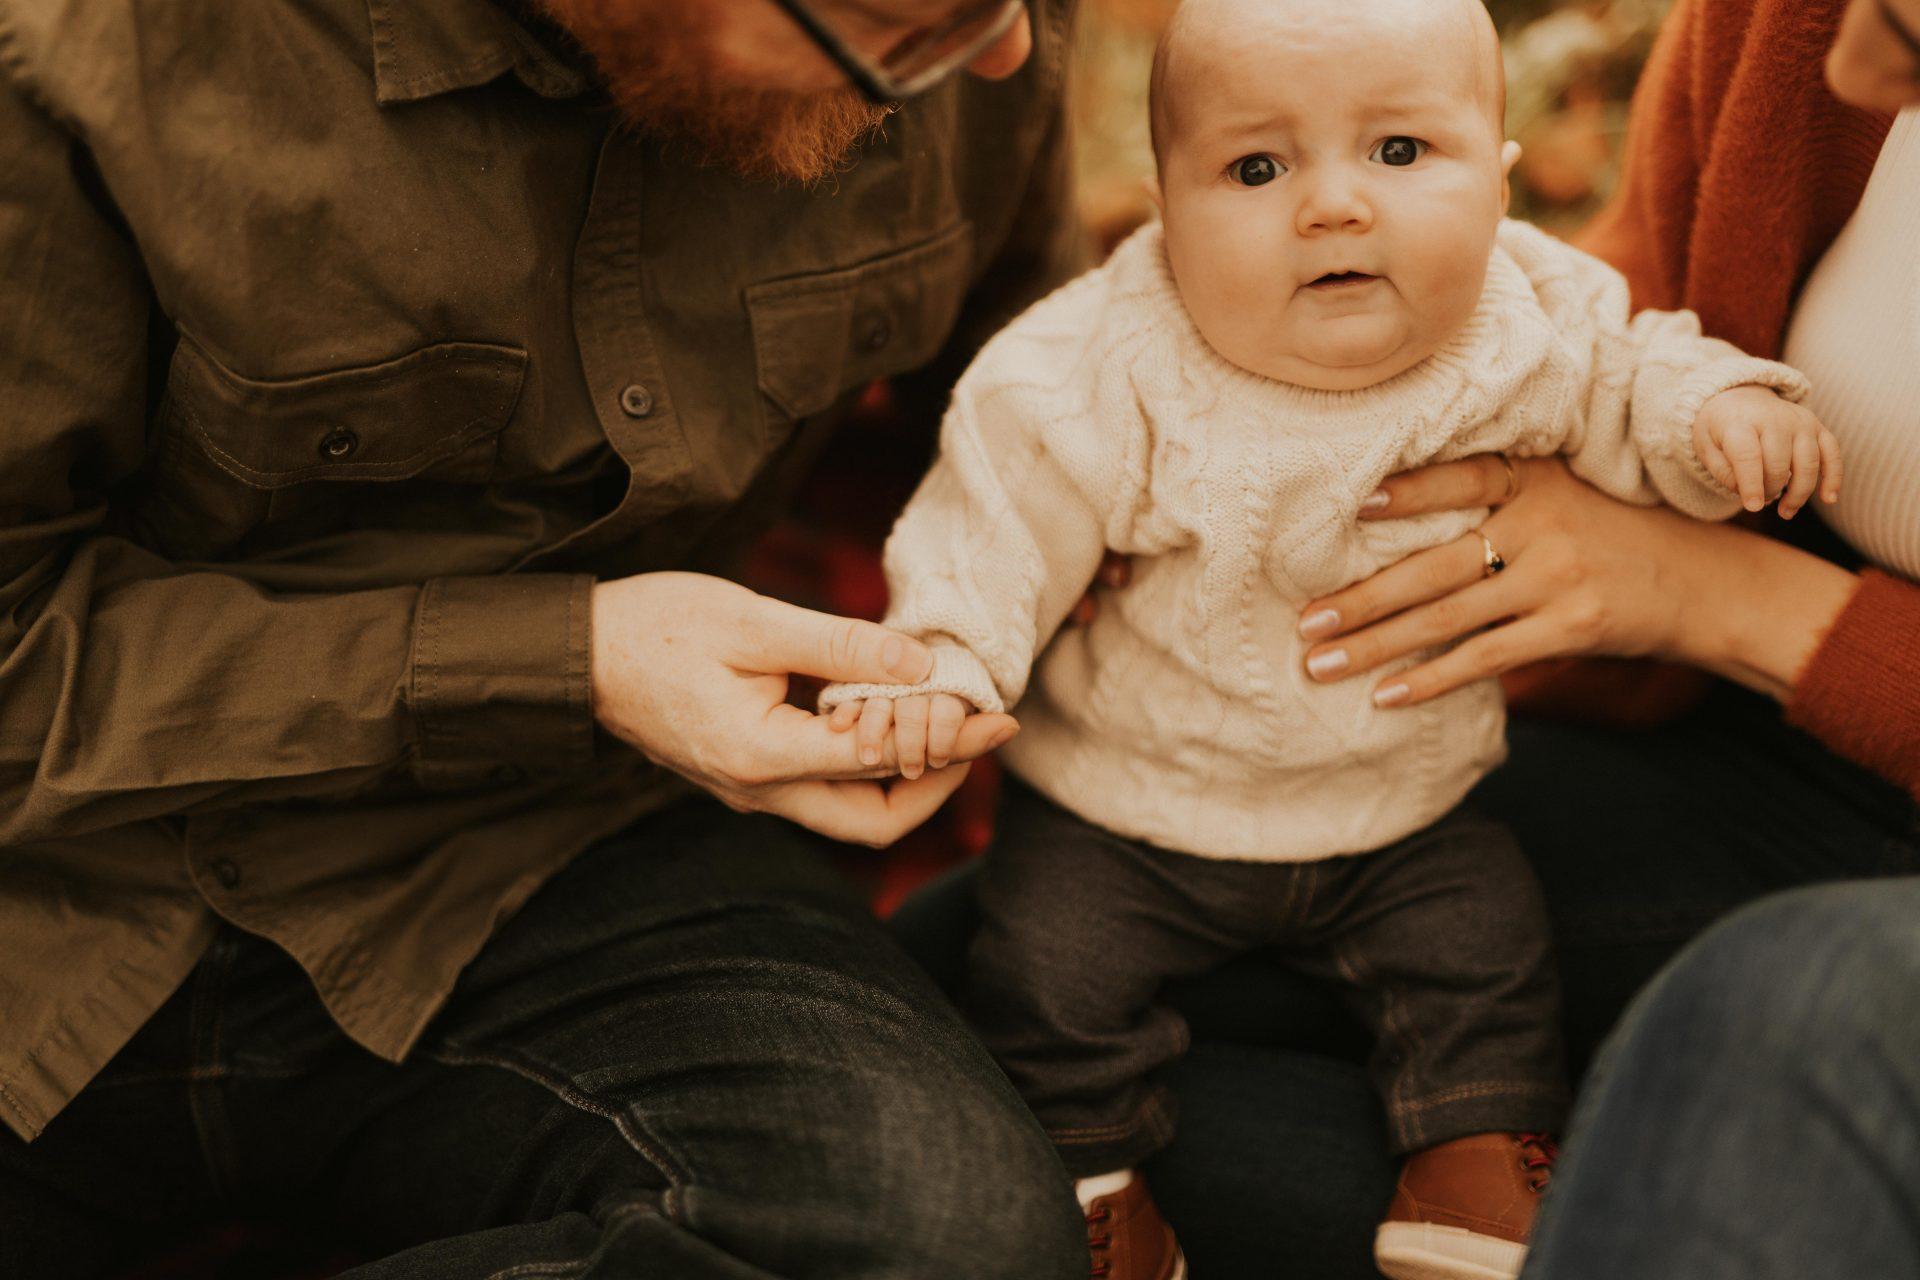 newborn baby photoshoot toronto